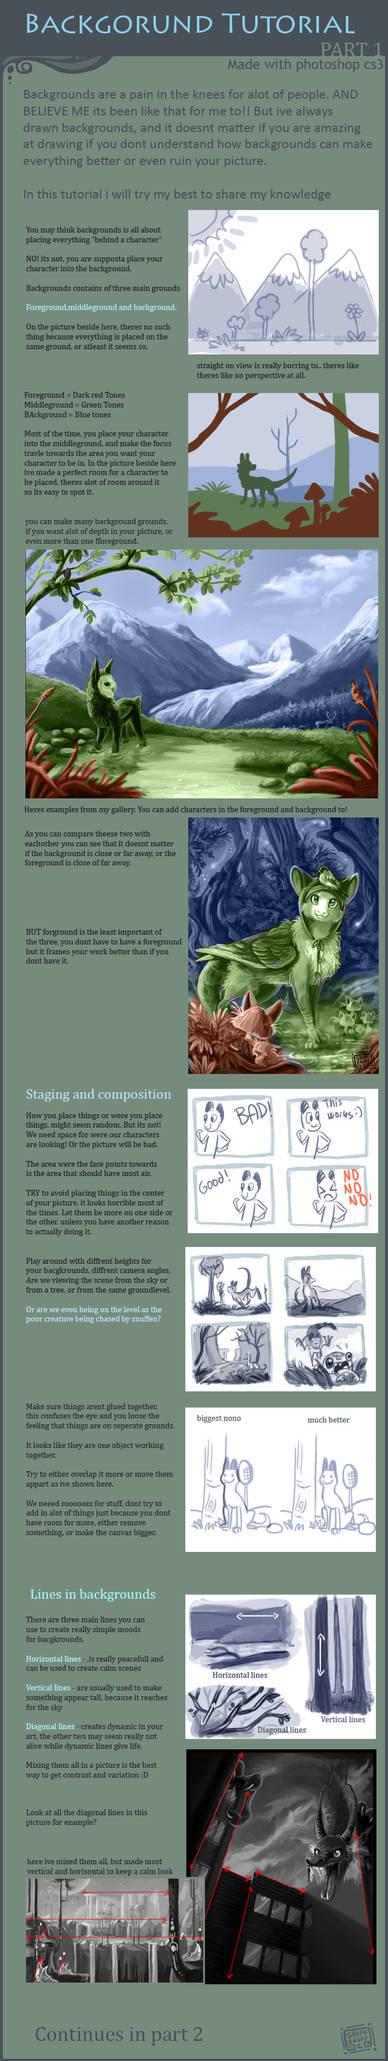 background tutorial part1